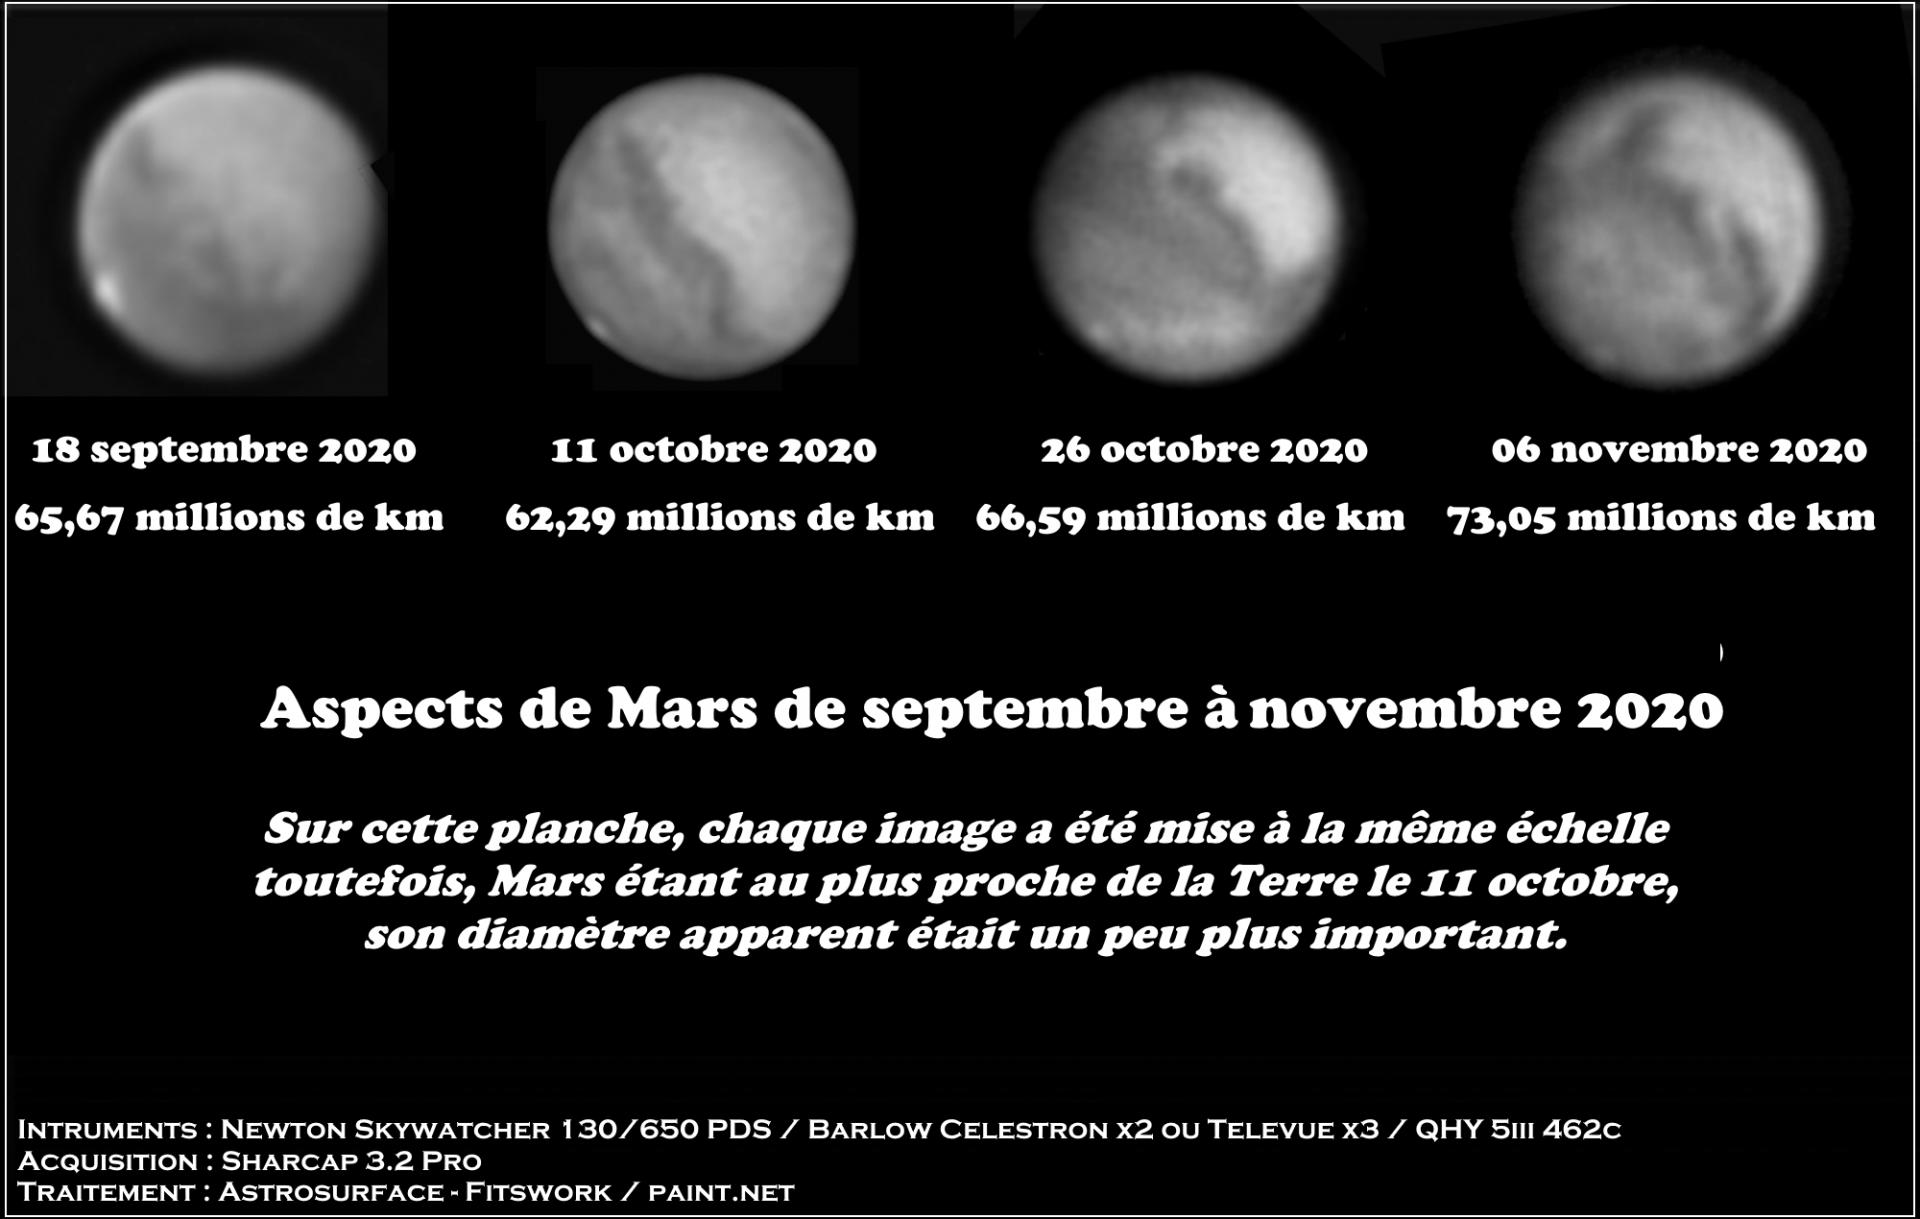 Mars sept a novembre 2020